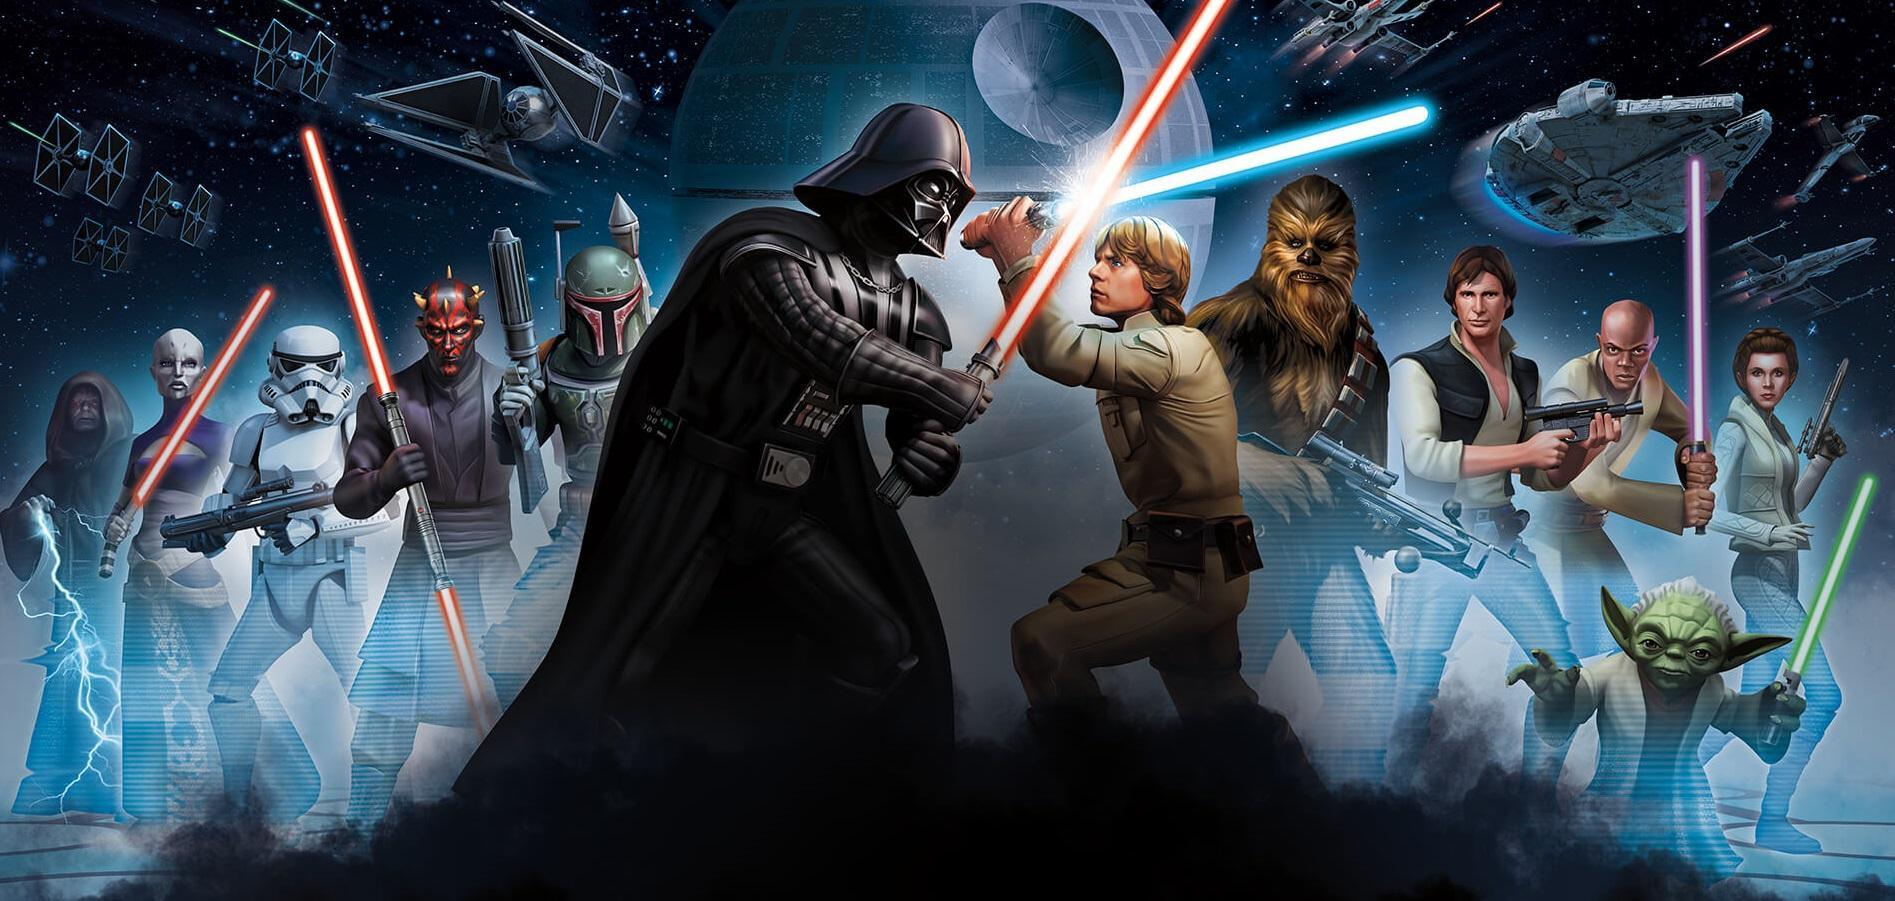 Hoy se conmemora el Día Internacional de Star Wars ... pero ¿por qué?